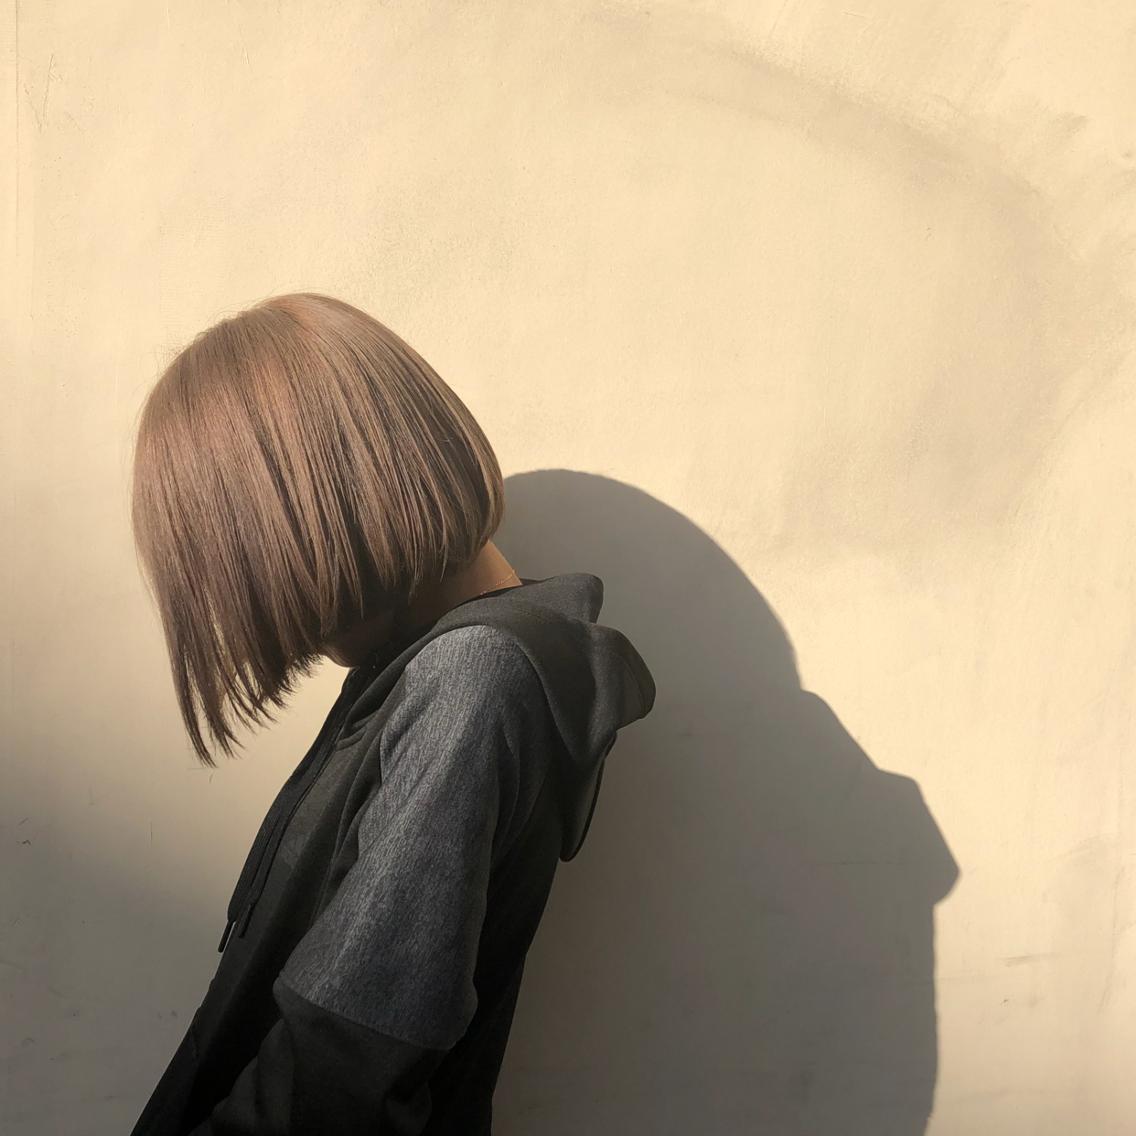 大人気サロン‼️minimo限定⭐️店長担当⭐️低価格‼️カット+カラー+トリートメント4200円‼️